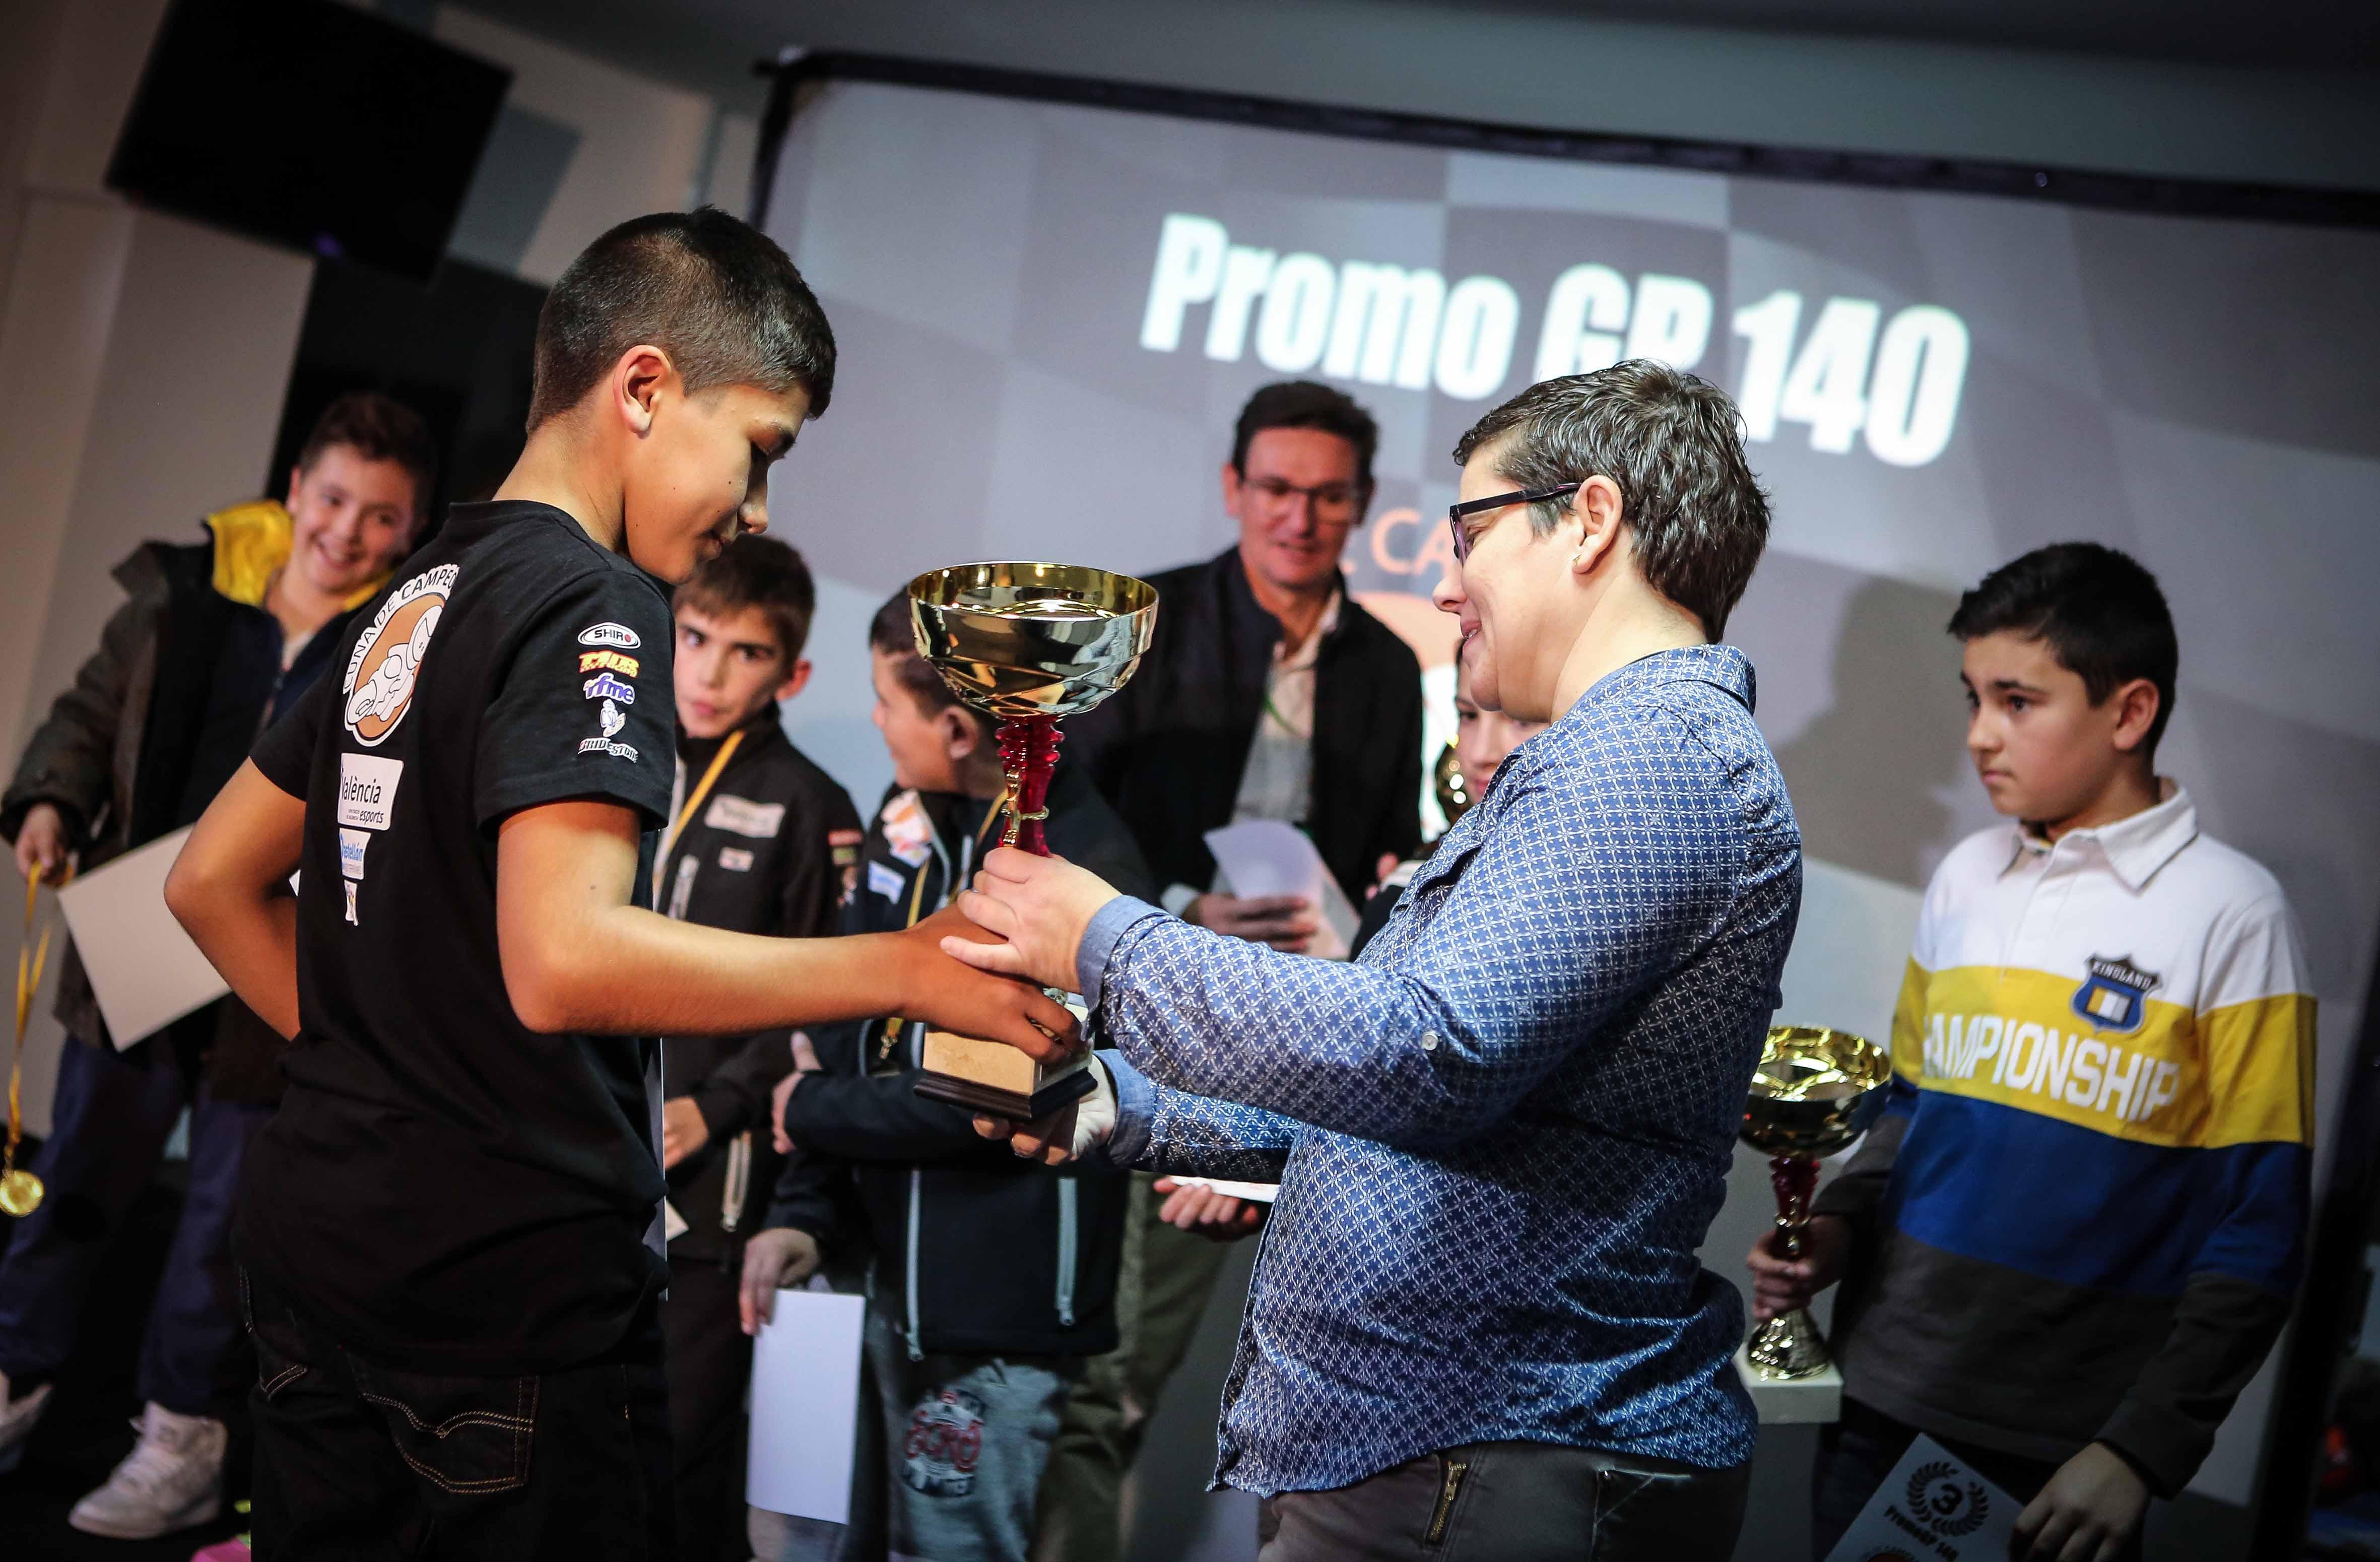 La diputada de Deportes destaca la importancia de apoyar el talento joven con becas como las de València Esports, en la gala de despedida de la temporada de la Cuna de Campeones en el Circuit.